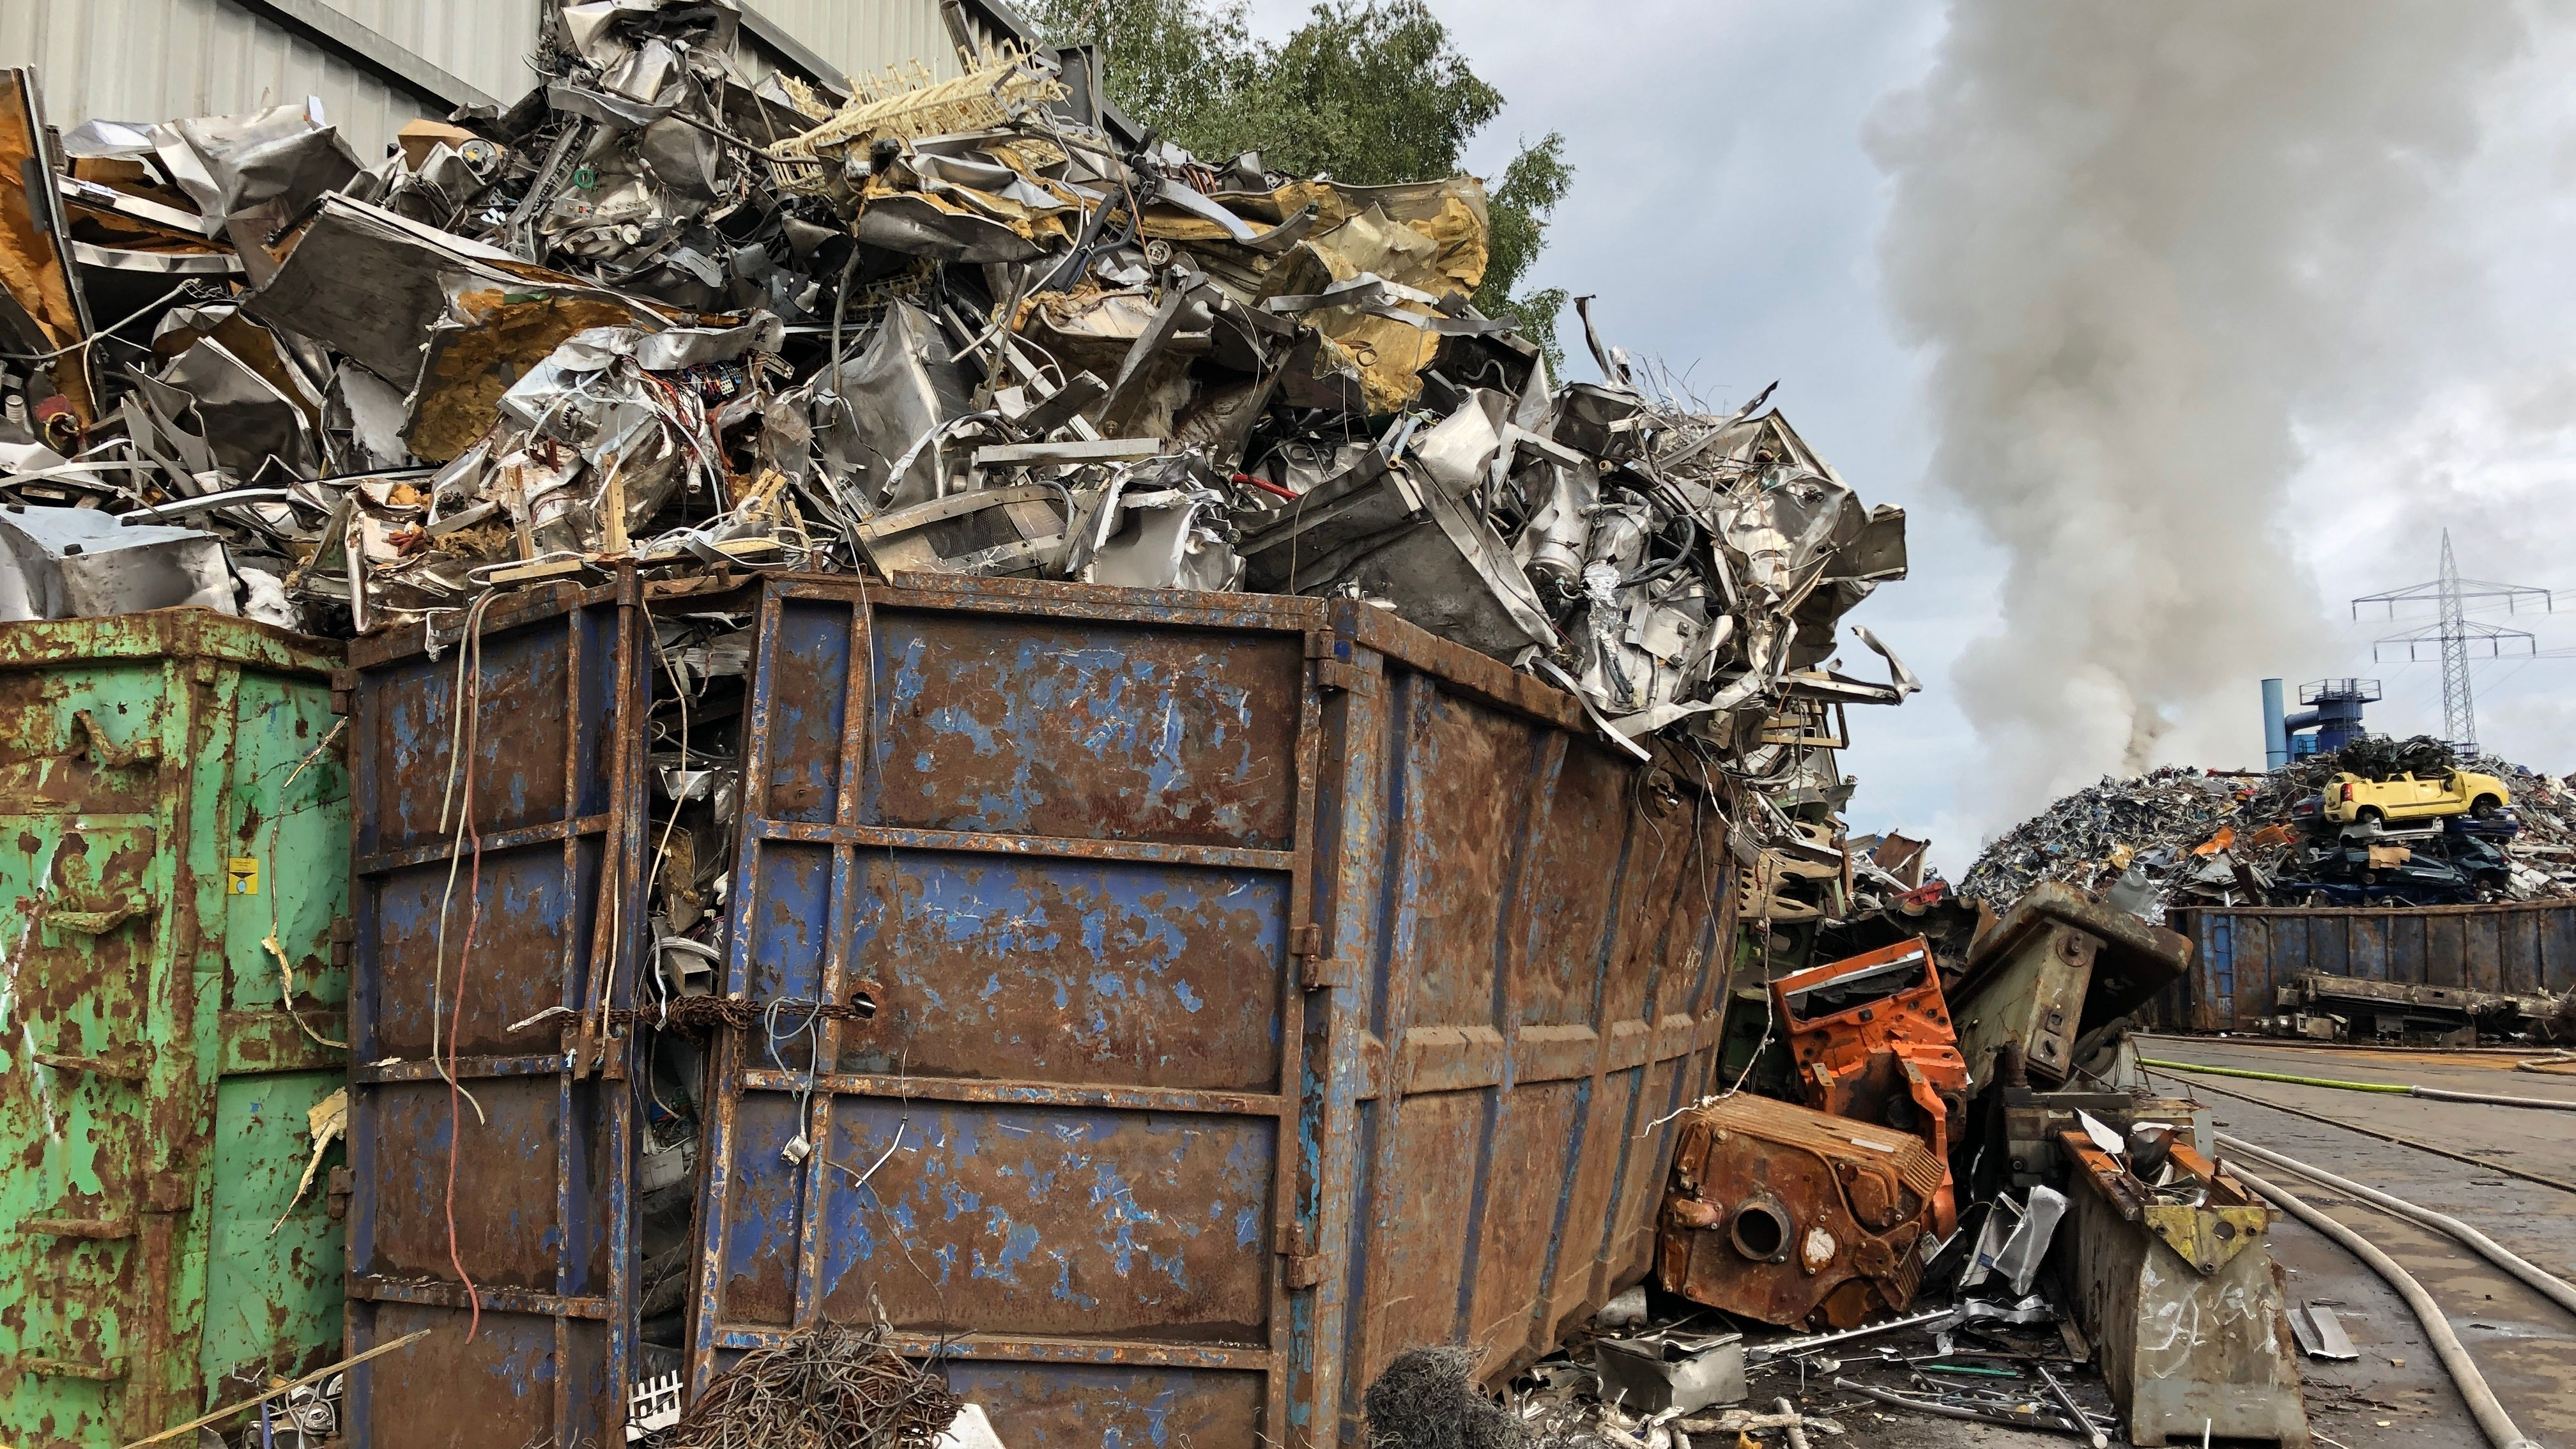 Rauchwolken nach einem Brand in Recyclinghof in München-Aubing